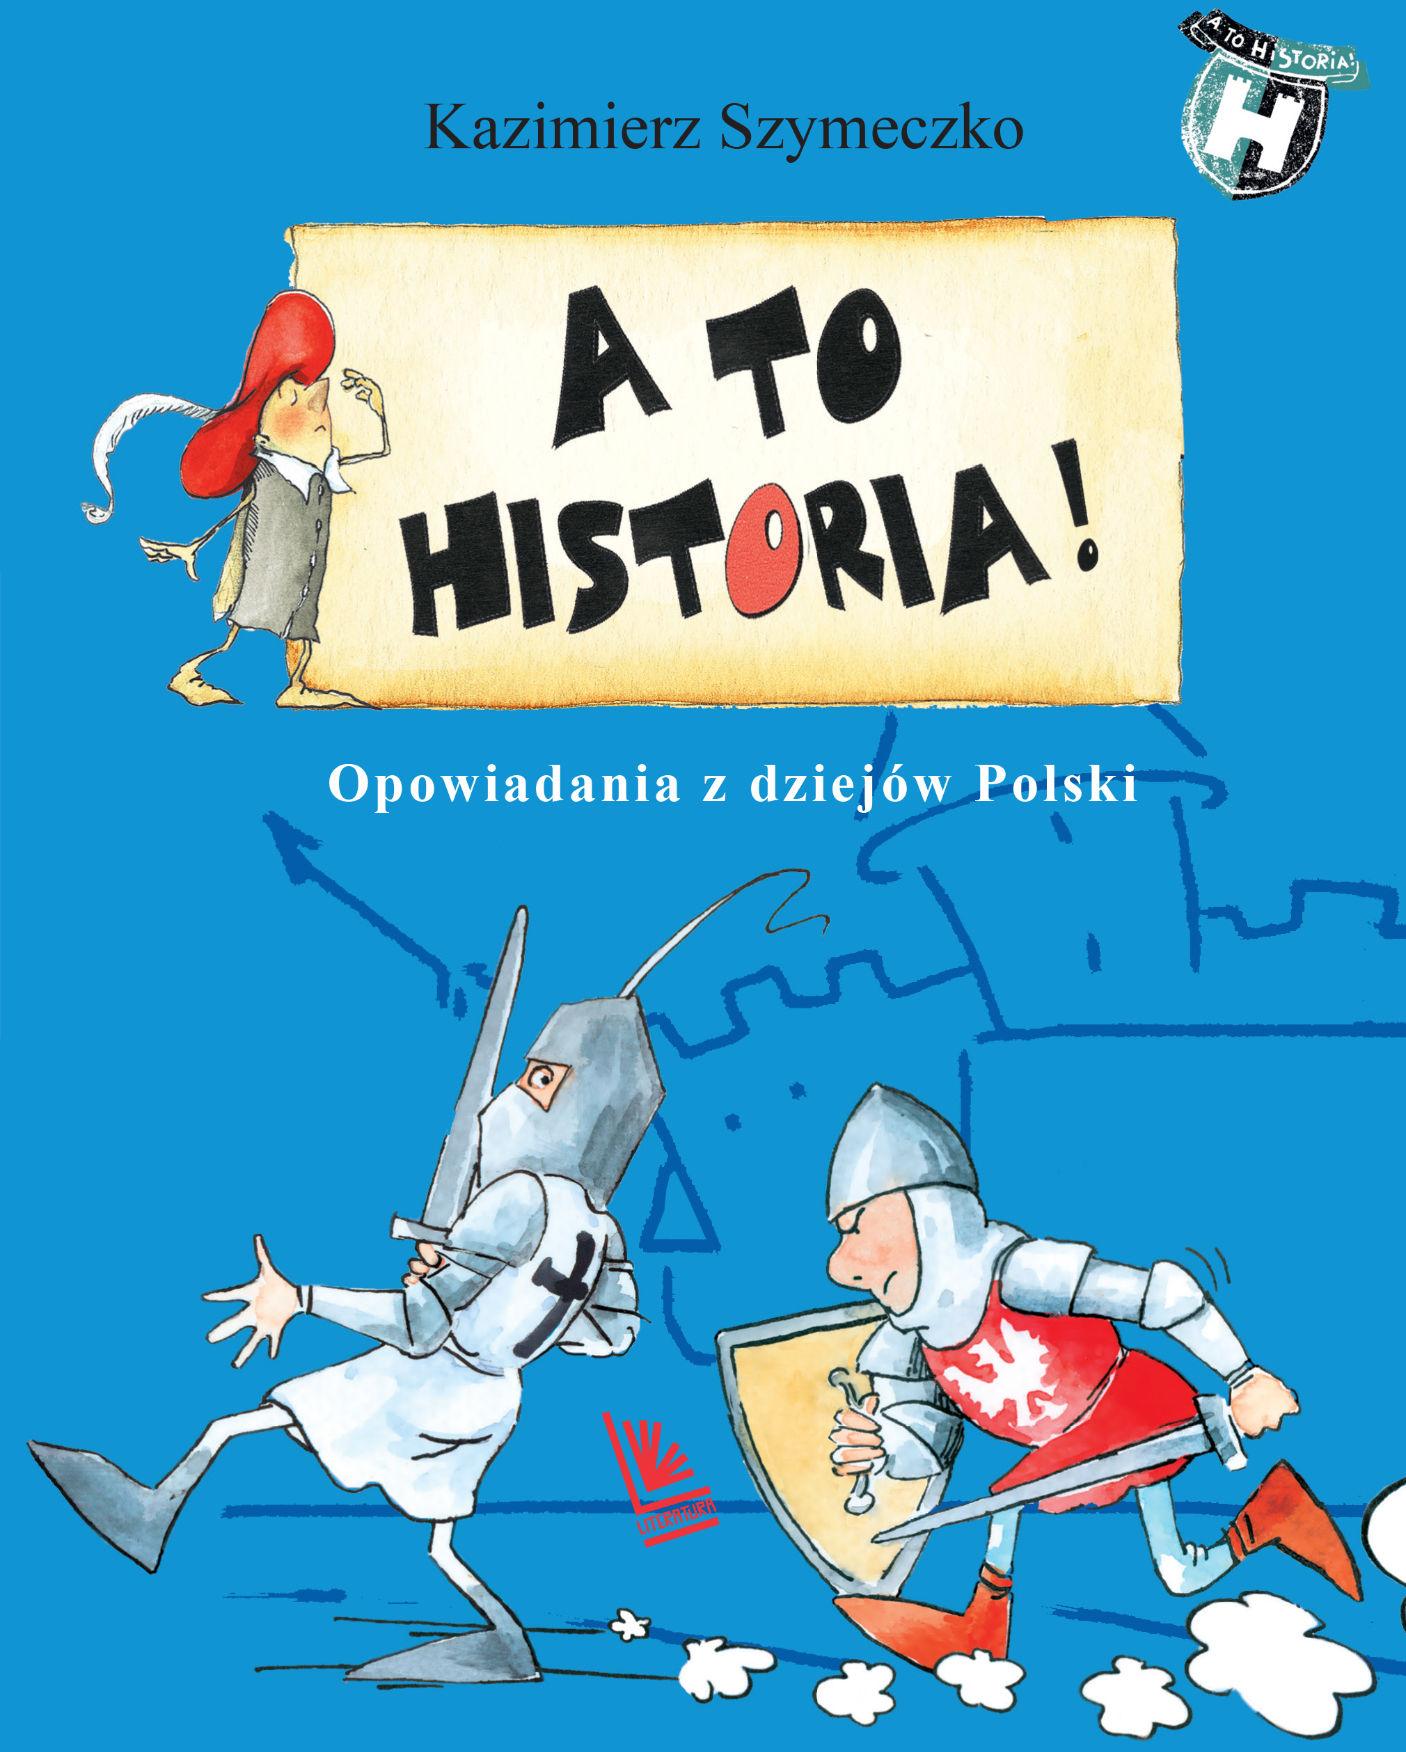 A to historia Opowiadania z dziejów Polski - Kazimierz Szymeczko - ebook